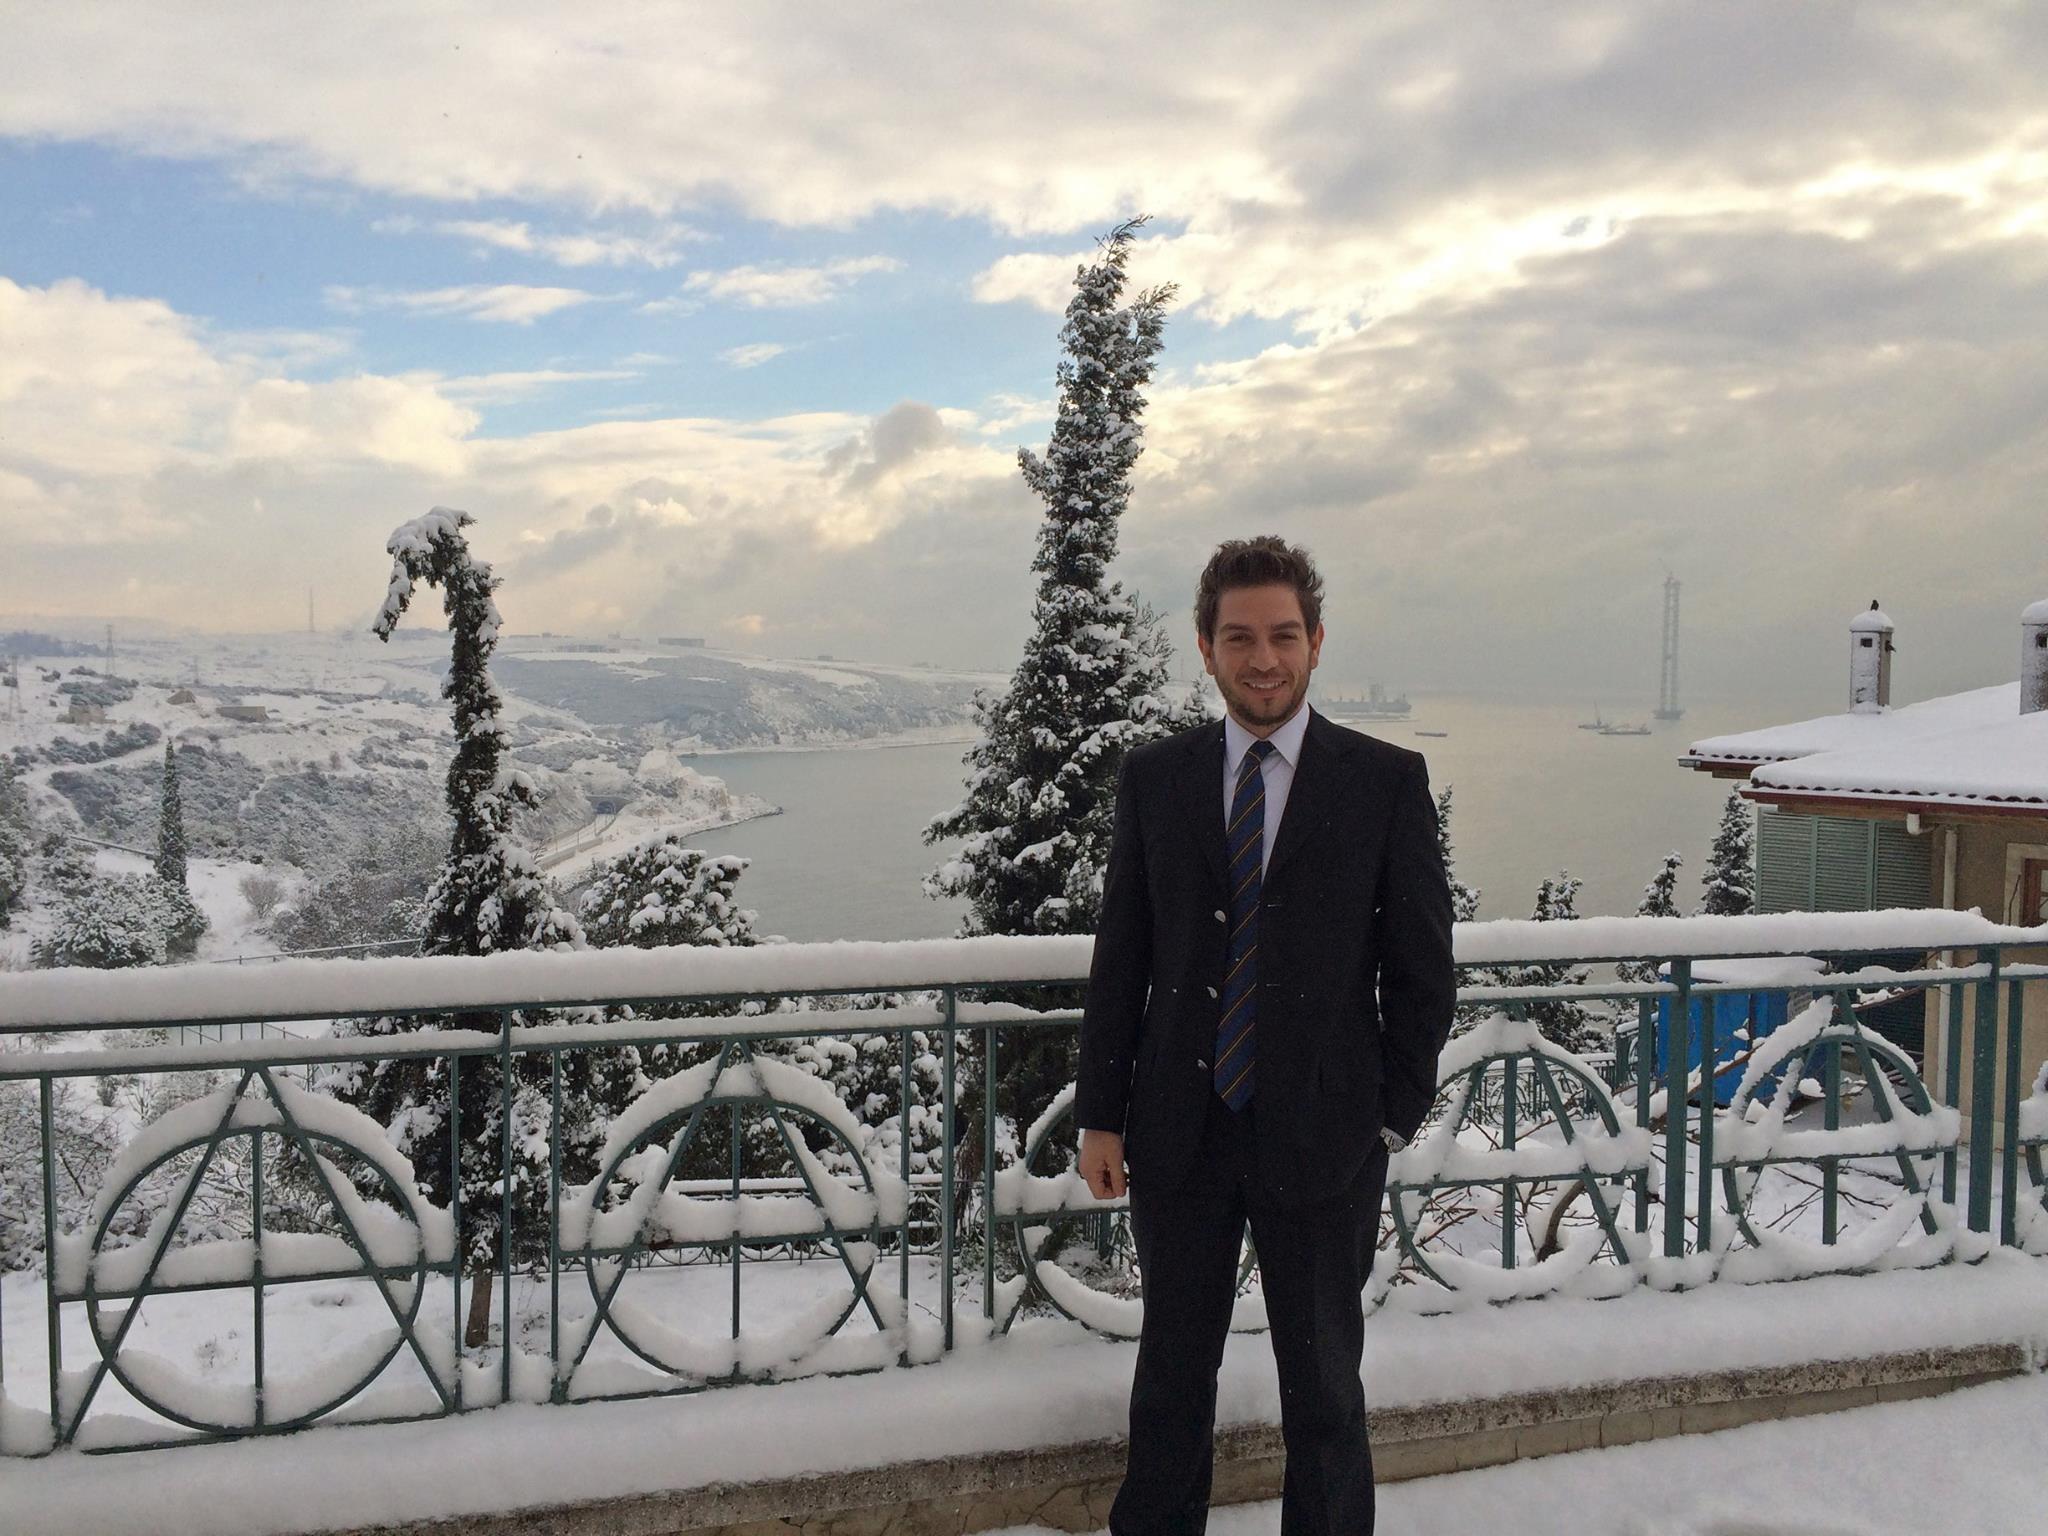 Alp Köksal - Gelecek Kampı @TEVİTÖL